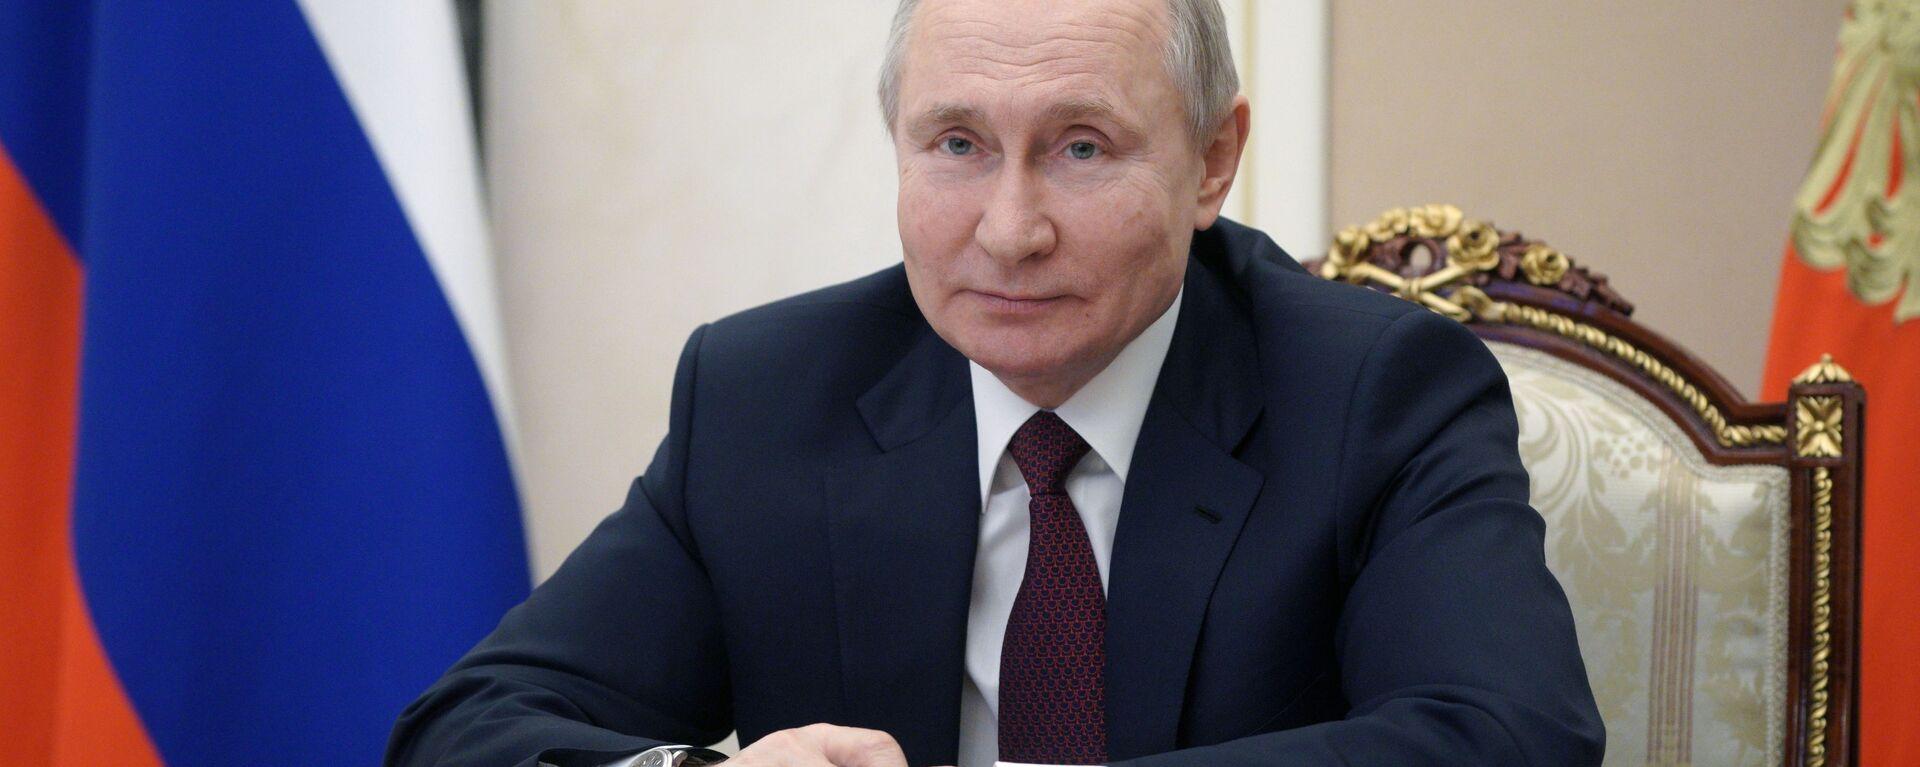 Председник Русије Владимир Путин - Sputnik Србија, 1920, 18.03.2021